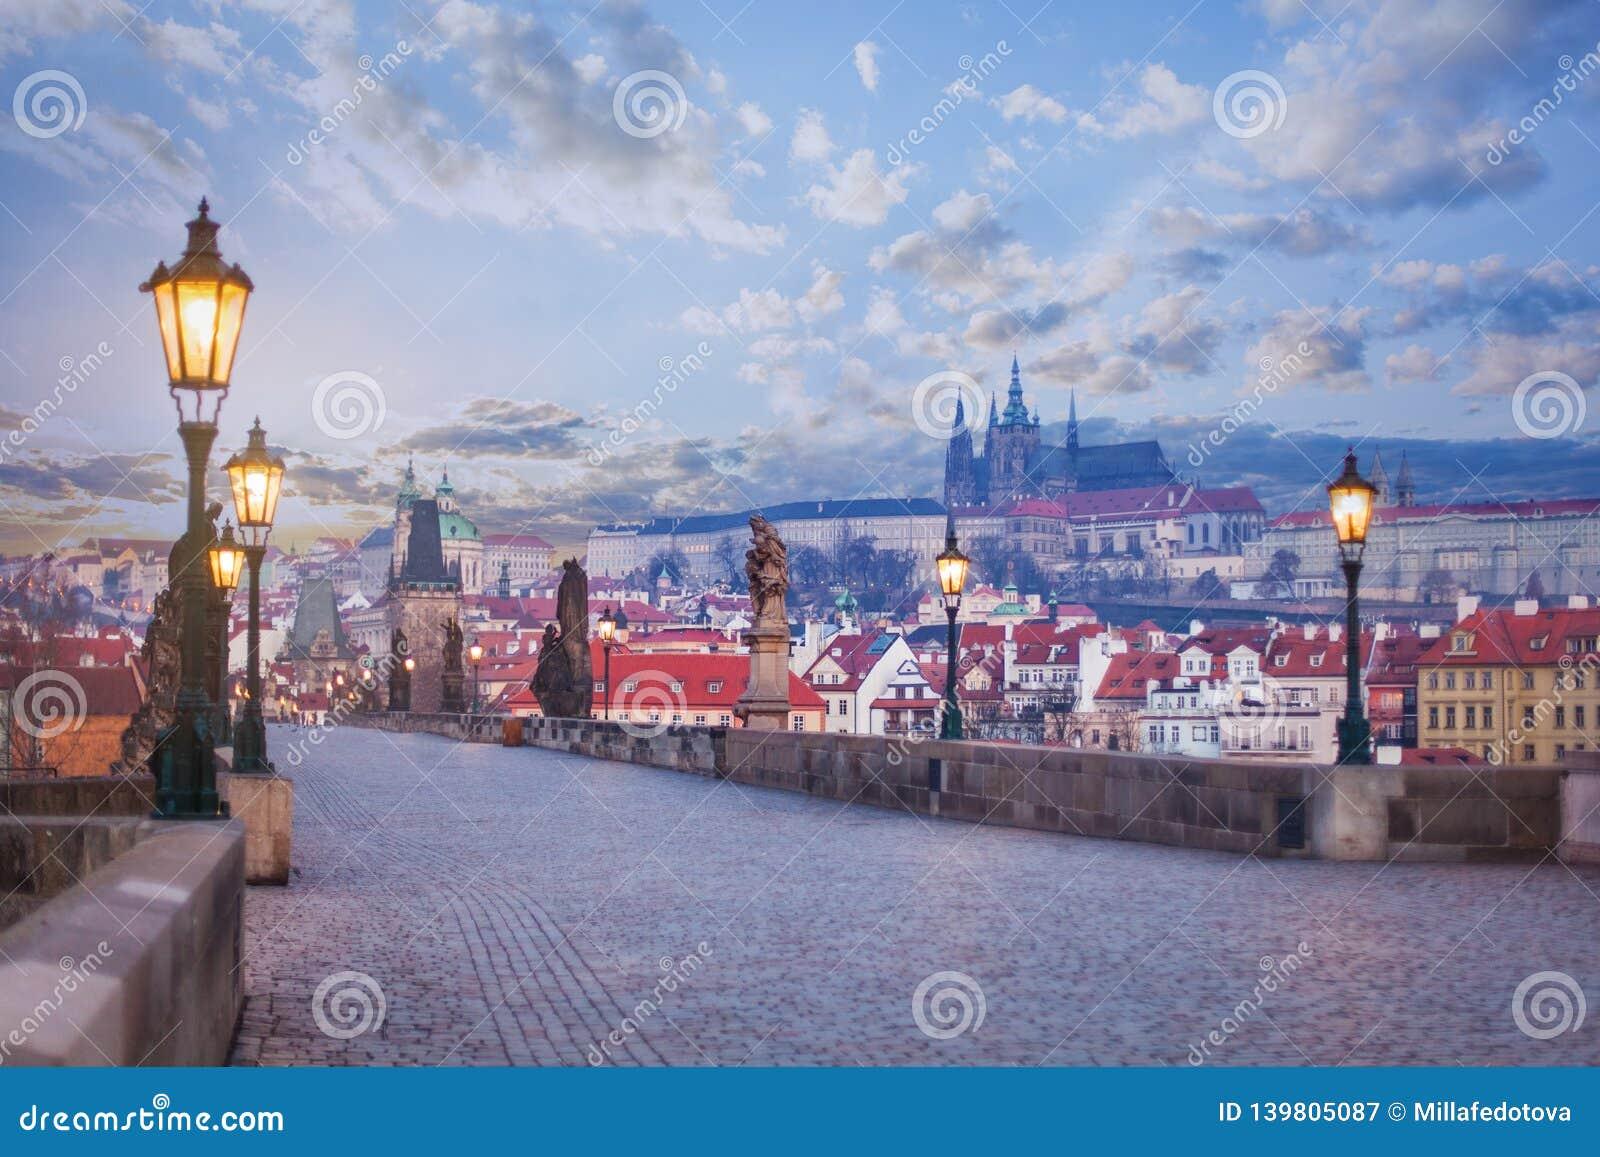 Charles-brug met standbeelden, de toren van Praag en kasteel Praag, Tsjechische Republiek